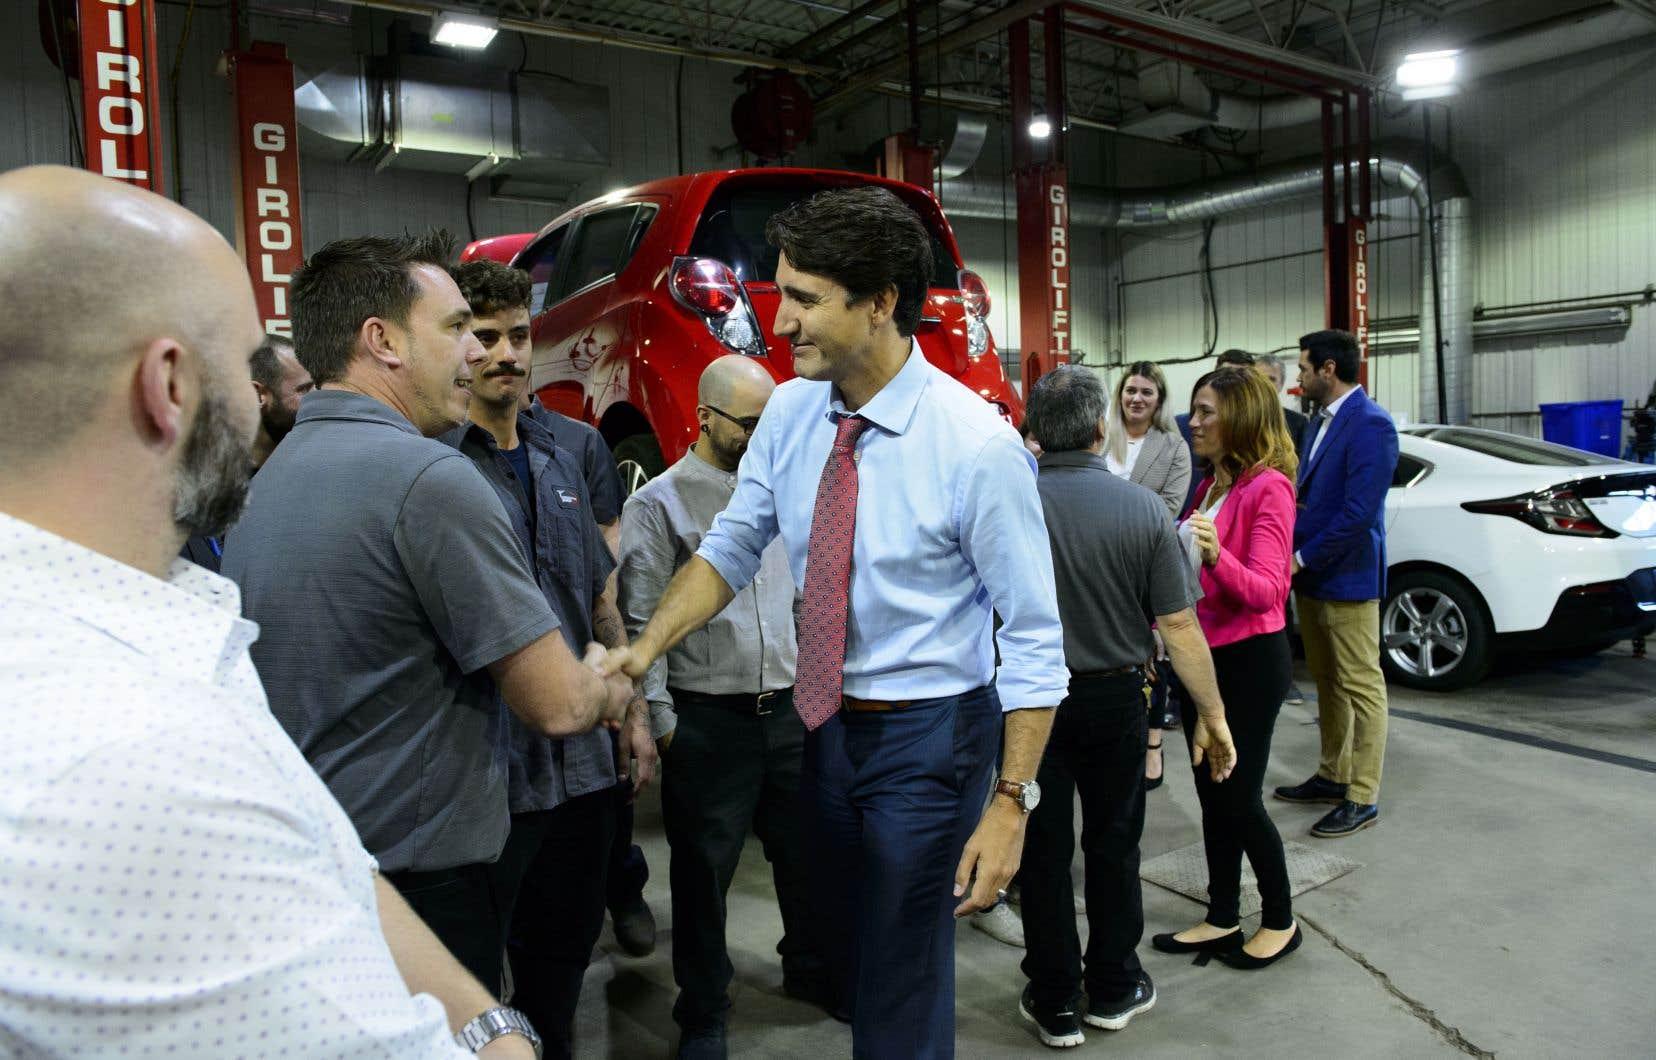 «Je pense que tous les Québécois savent que je suis quelqu'un qui va toujours défendre les libertés et les droits fondamentaux», a répété Justin Trudeau lors d'un arrêt à Trois-Rivières, au cœur d'une région résolument caquiste.